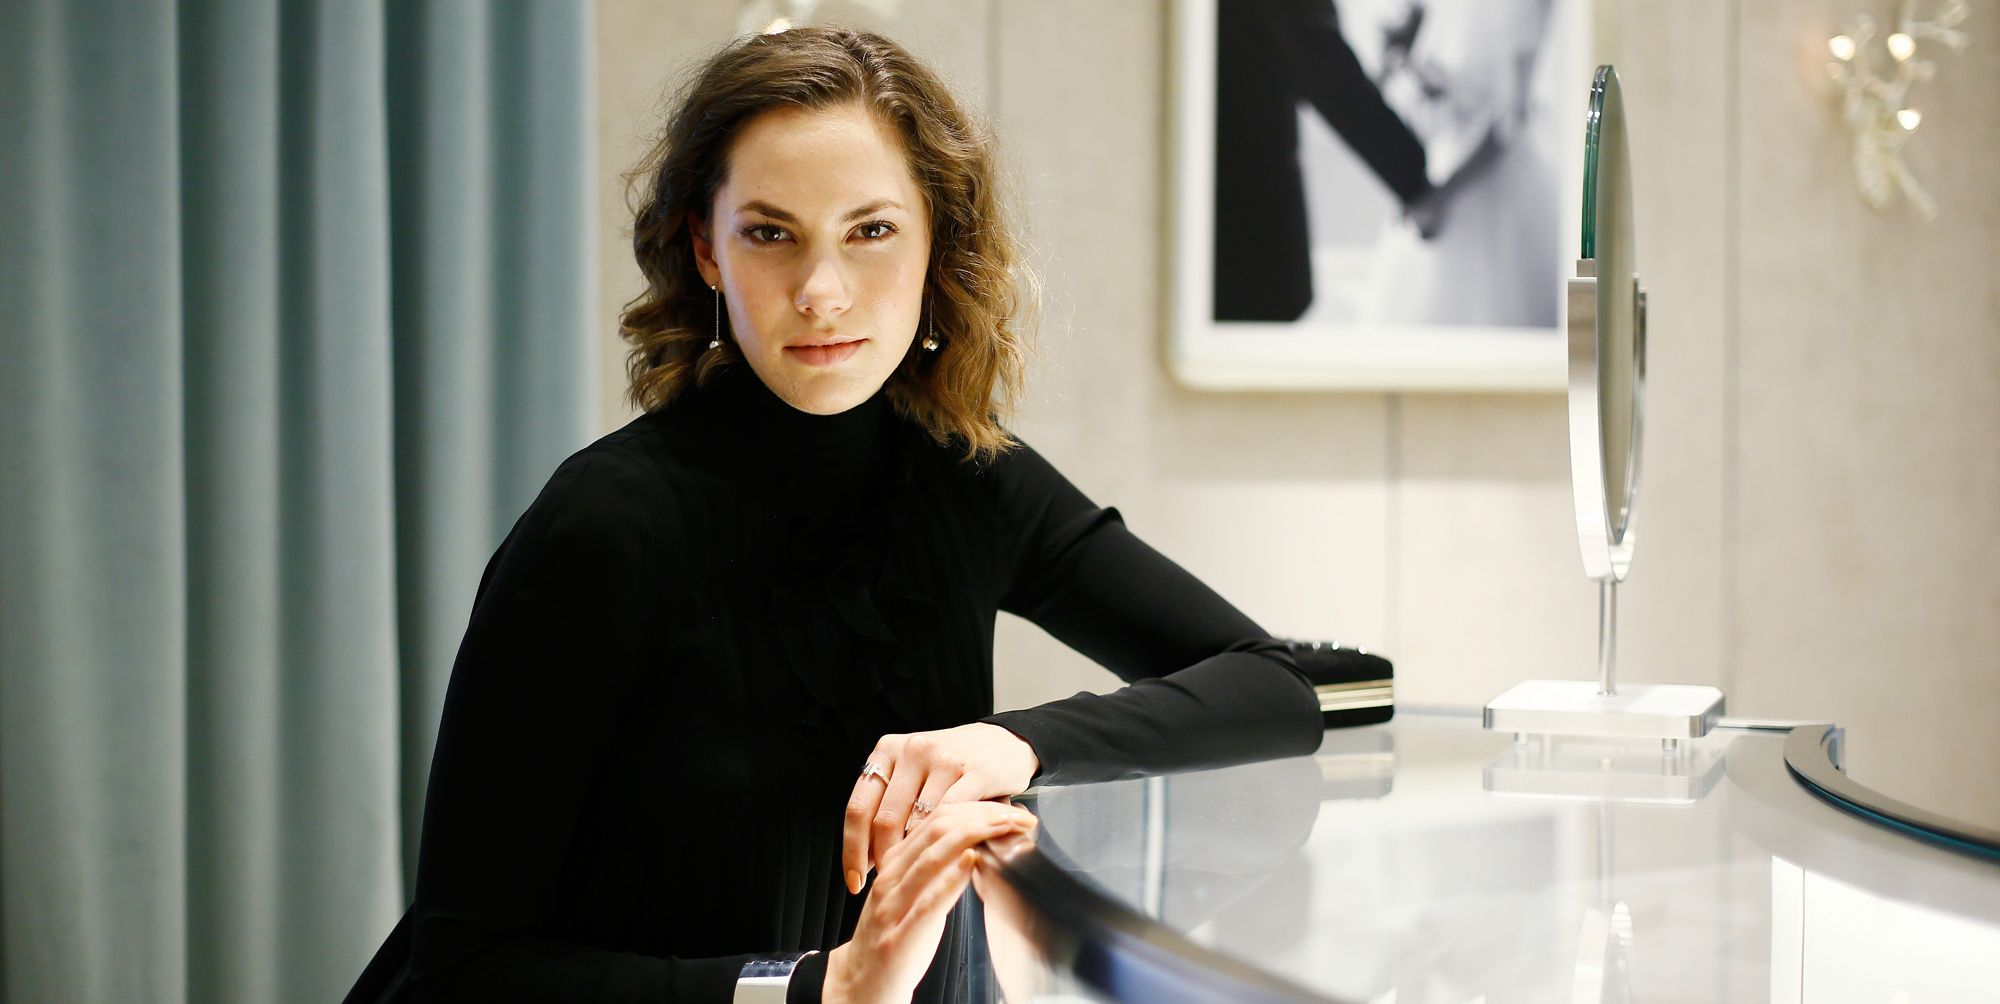 Emma Ferrer, la nipote aristocratica di Audrey Hepburn che ha ereditato i suoi vestiti-mito e il suo stile-leggenda